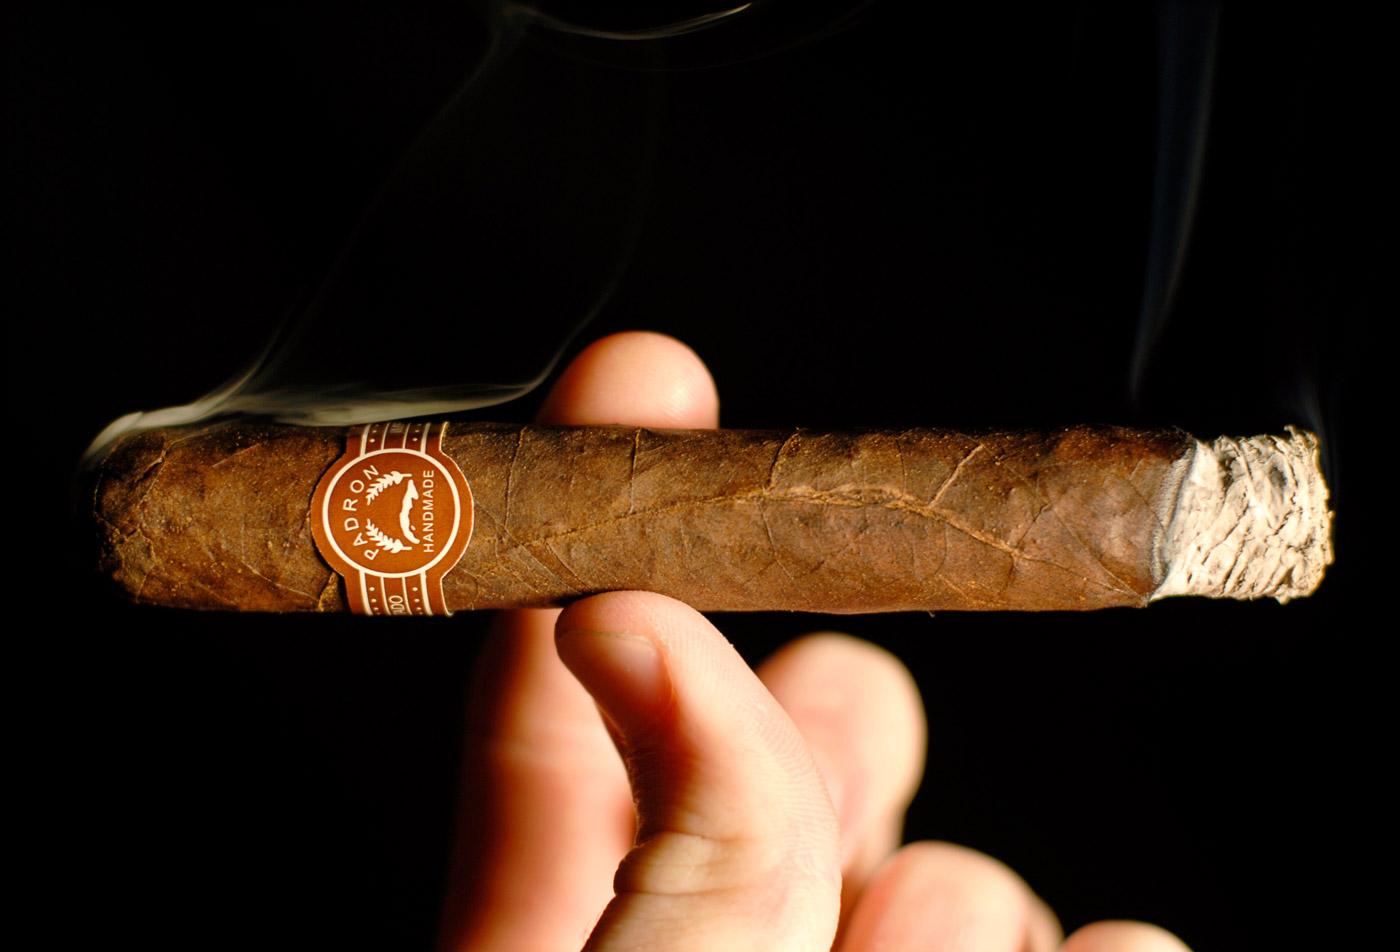 Padrón Series 2000 Maduro cigar review